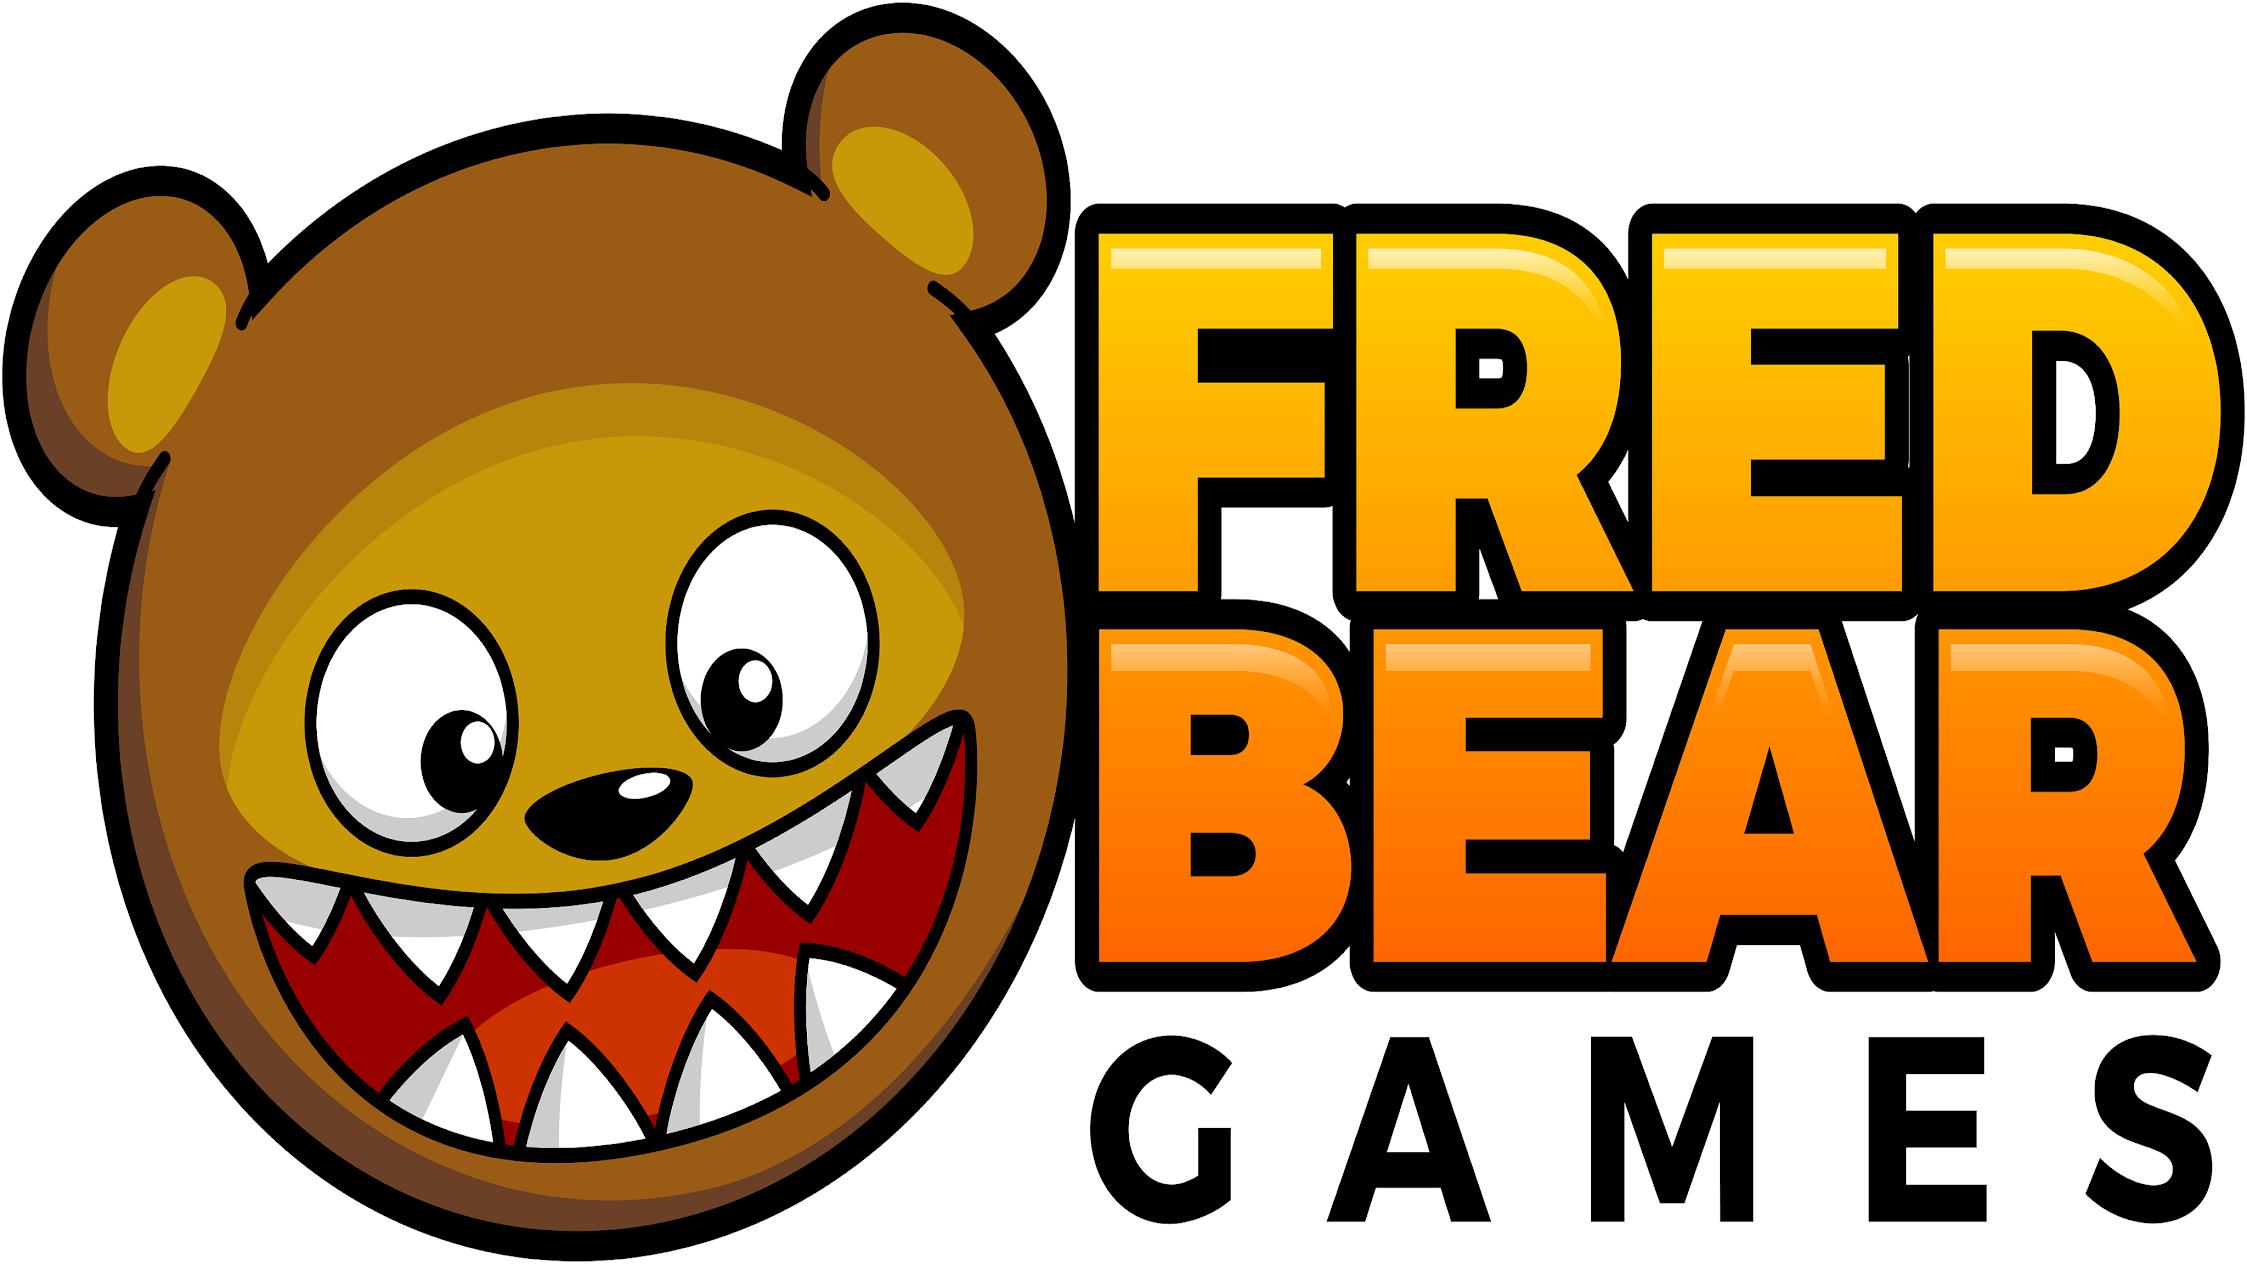 FredBear Games Ltd